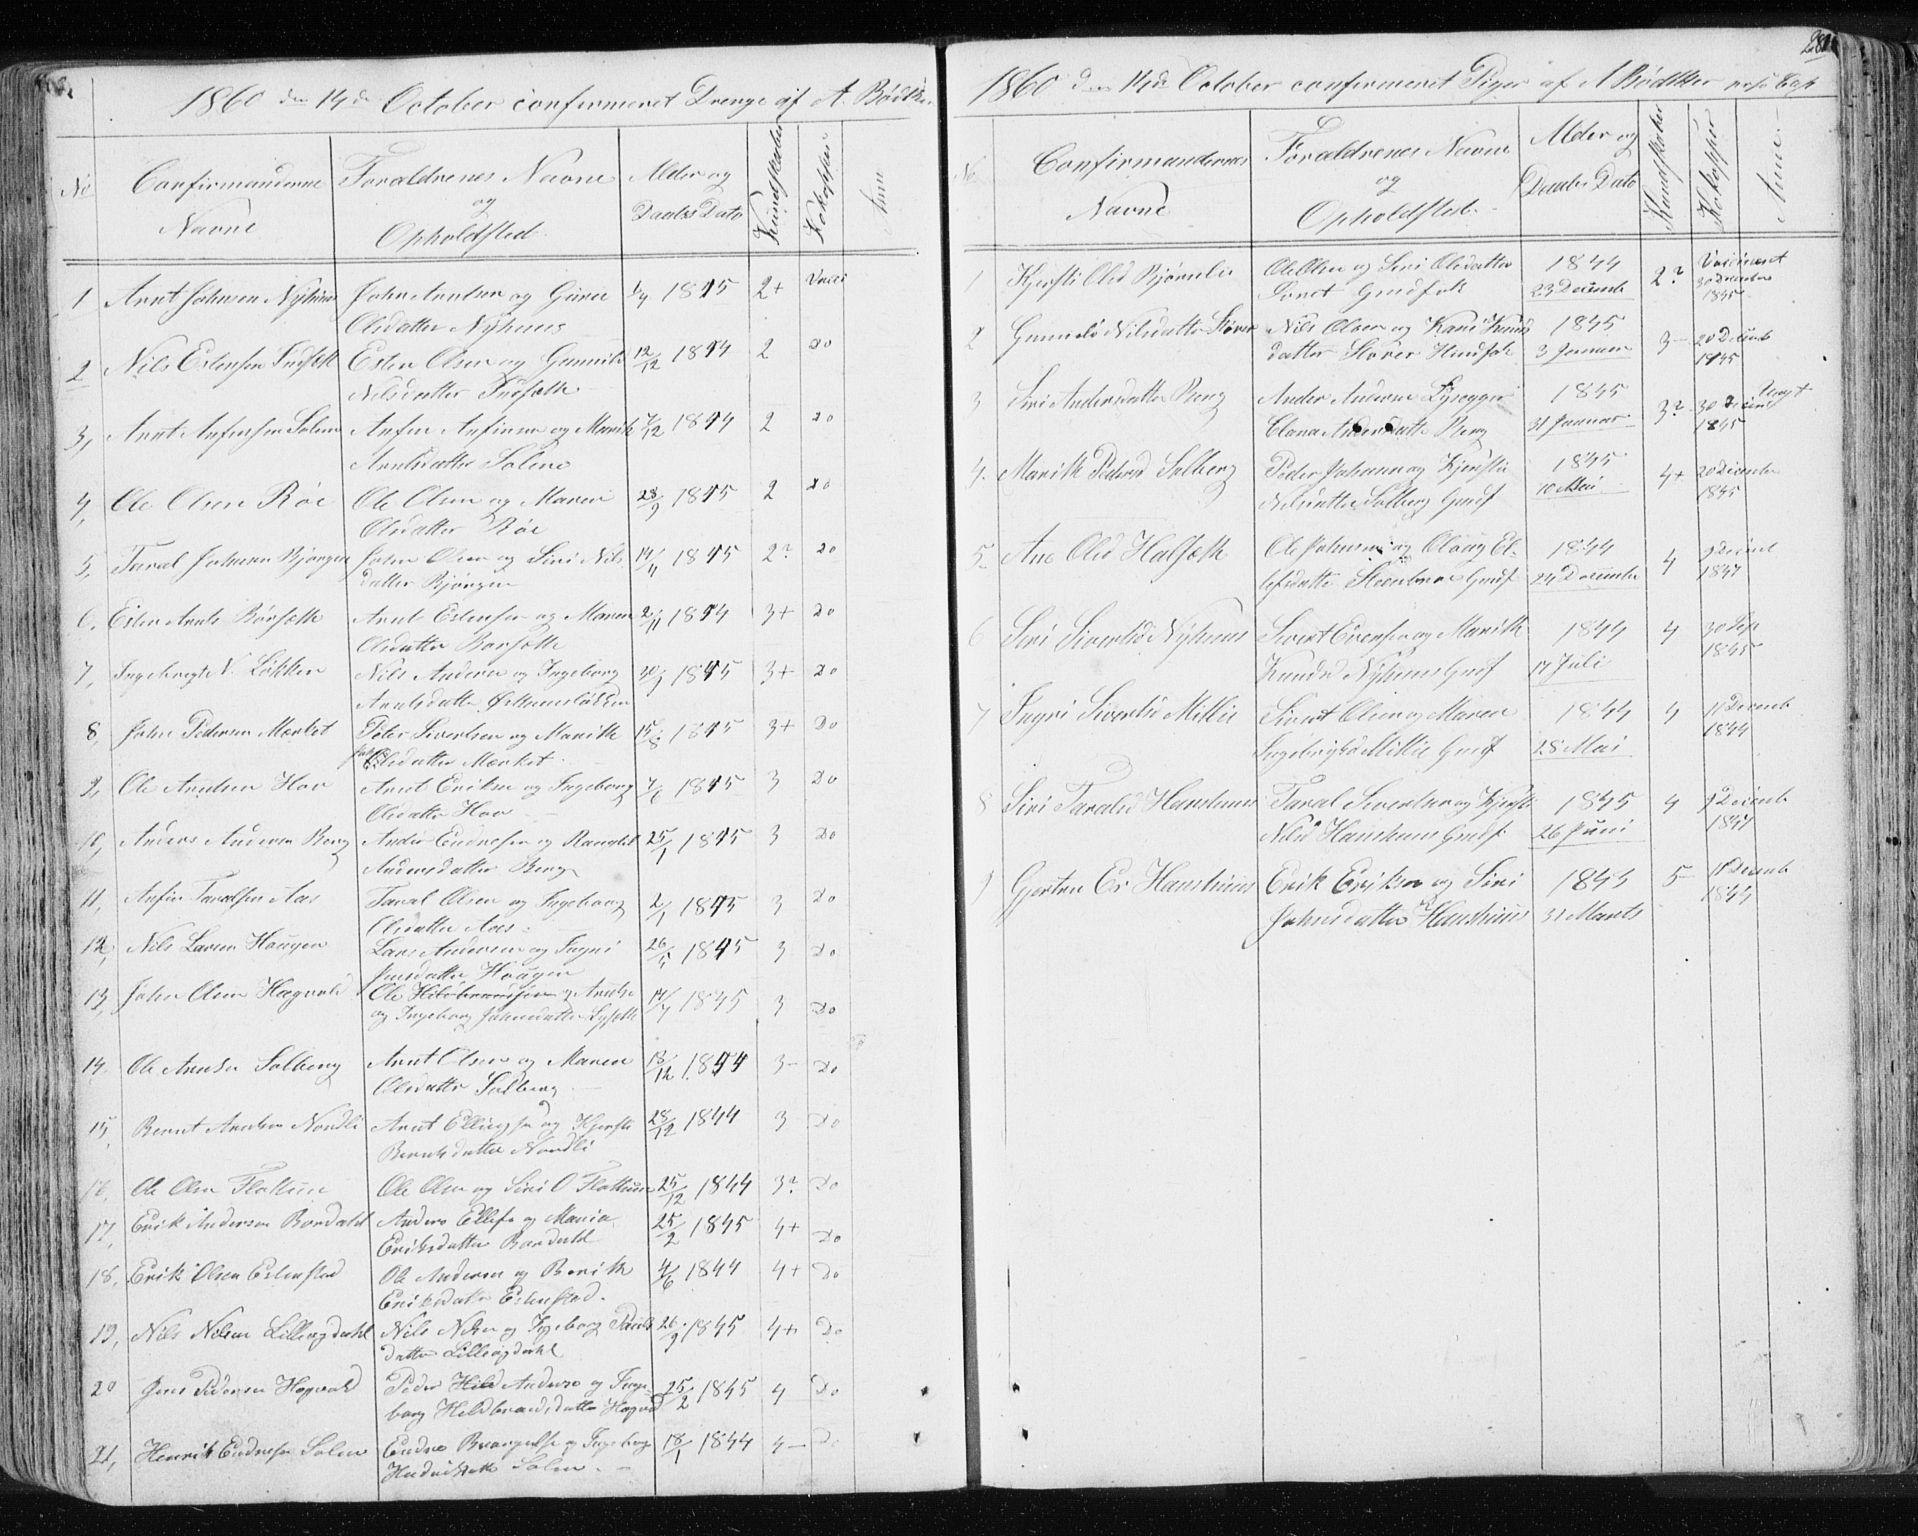 SAT, Ministerialprotokoller, klokkerbøker og fødselsregistre - Sør-Trøndelag, 689/L1043: Klokkerbok nr. 689C02, 1816-1892, s. 281